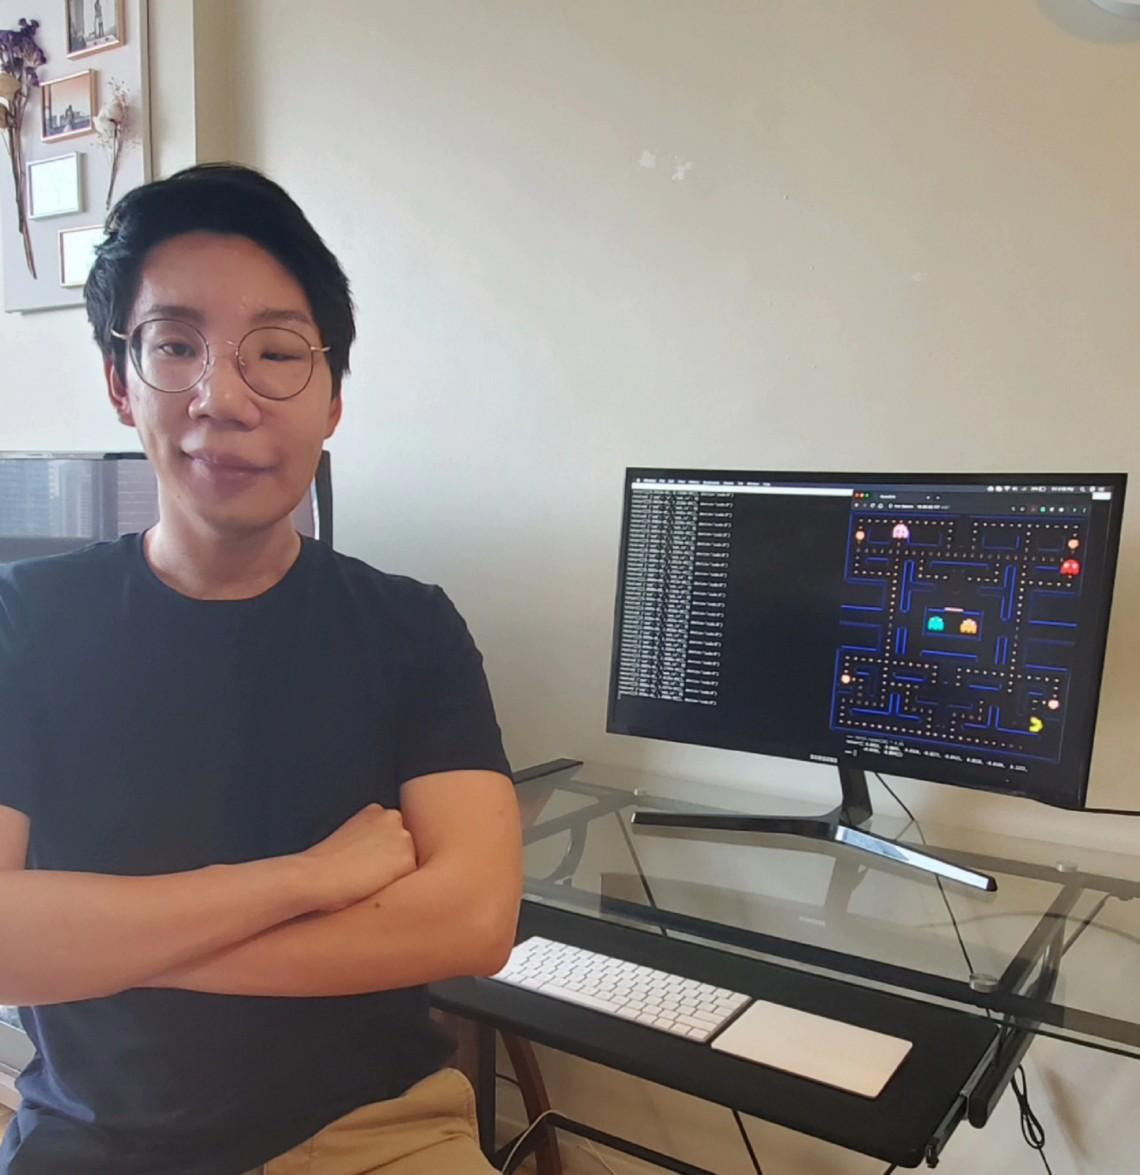 NVIDIA GameGAN Researcher Seung Wook Kim